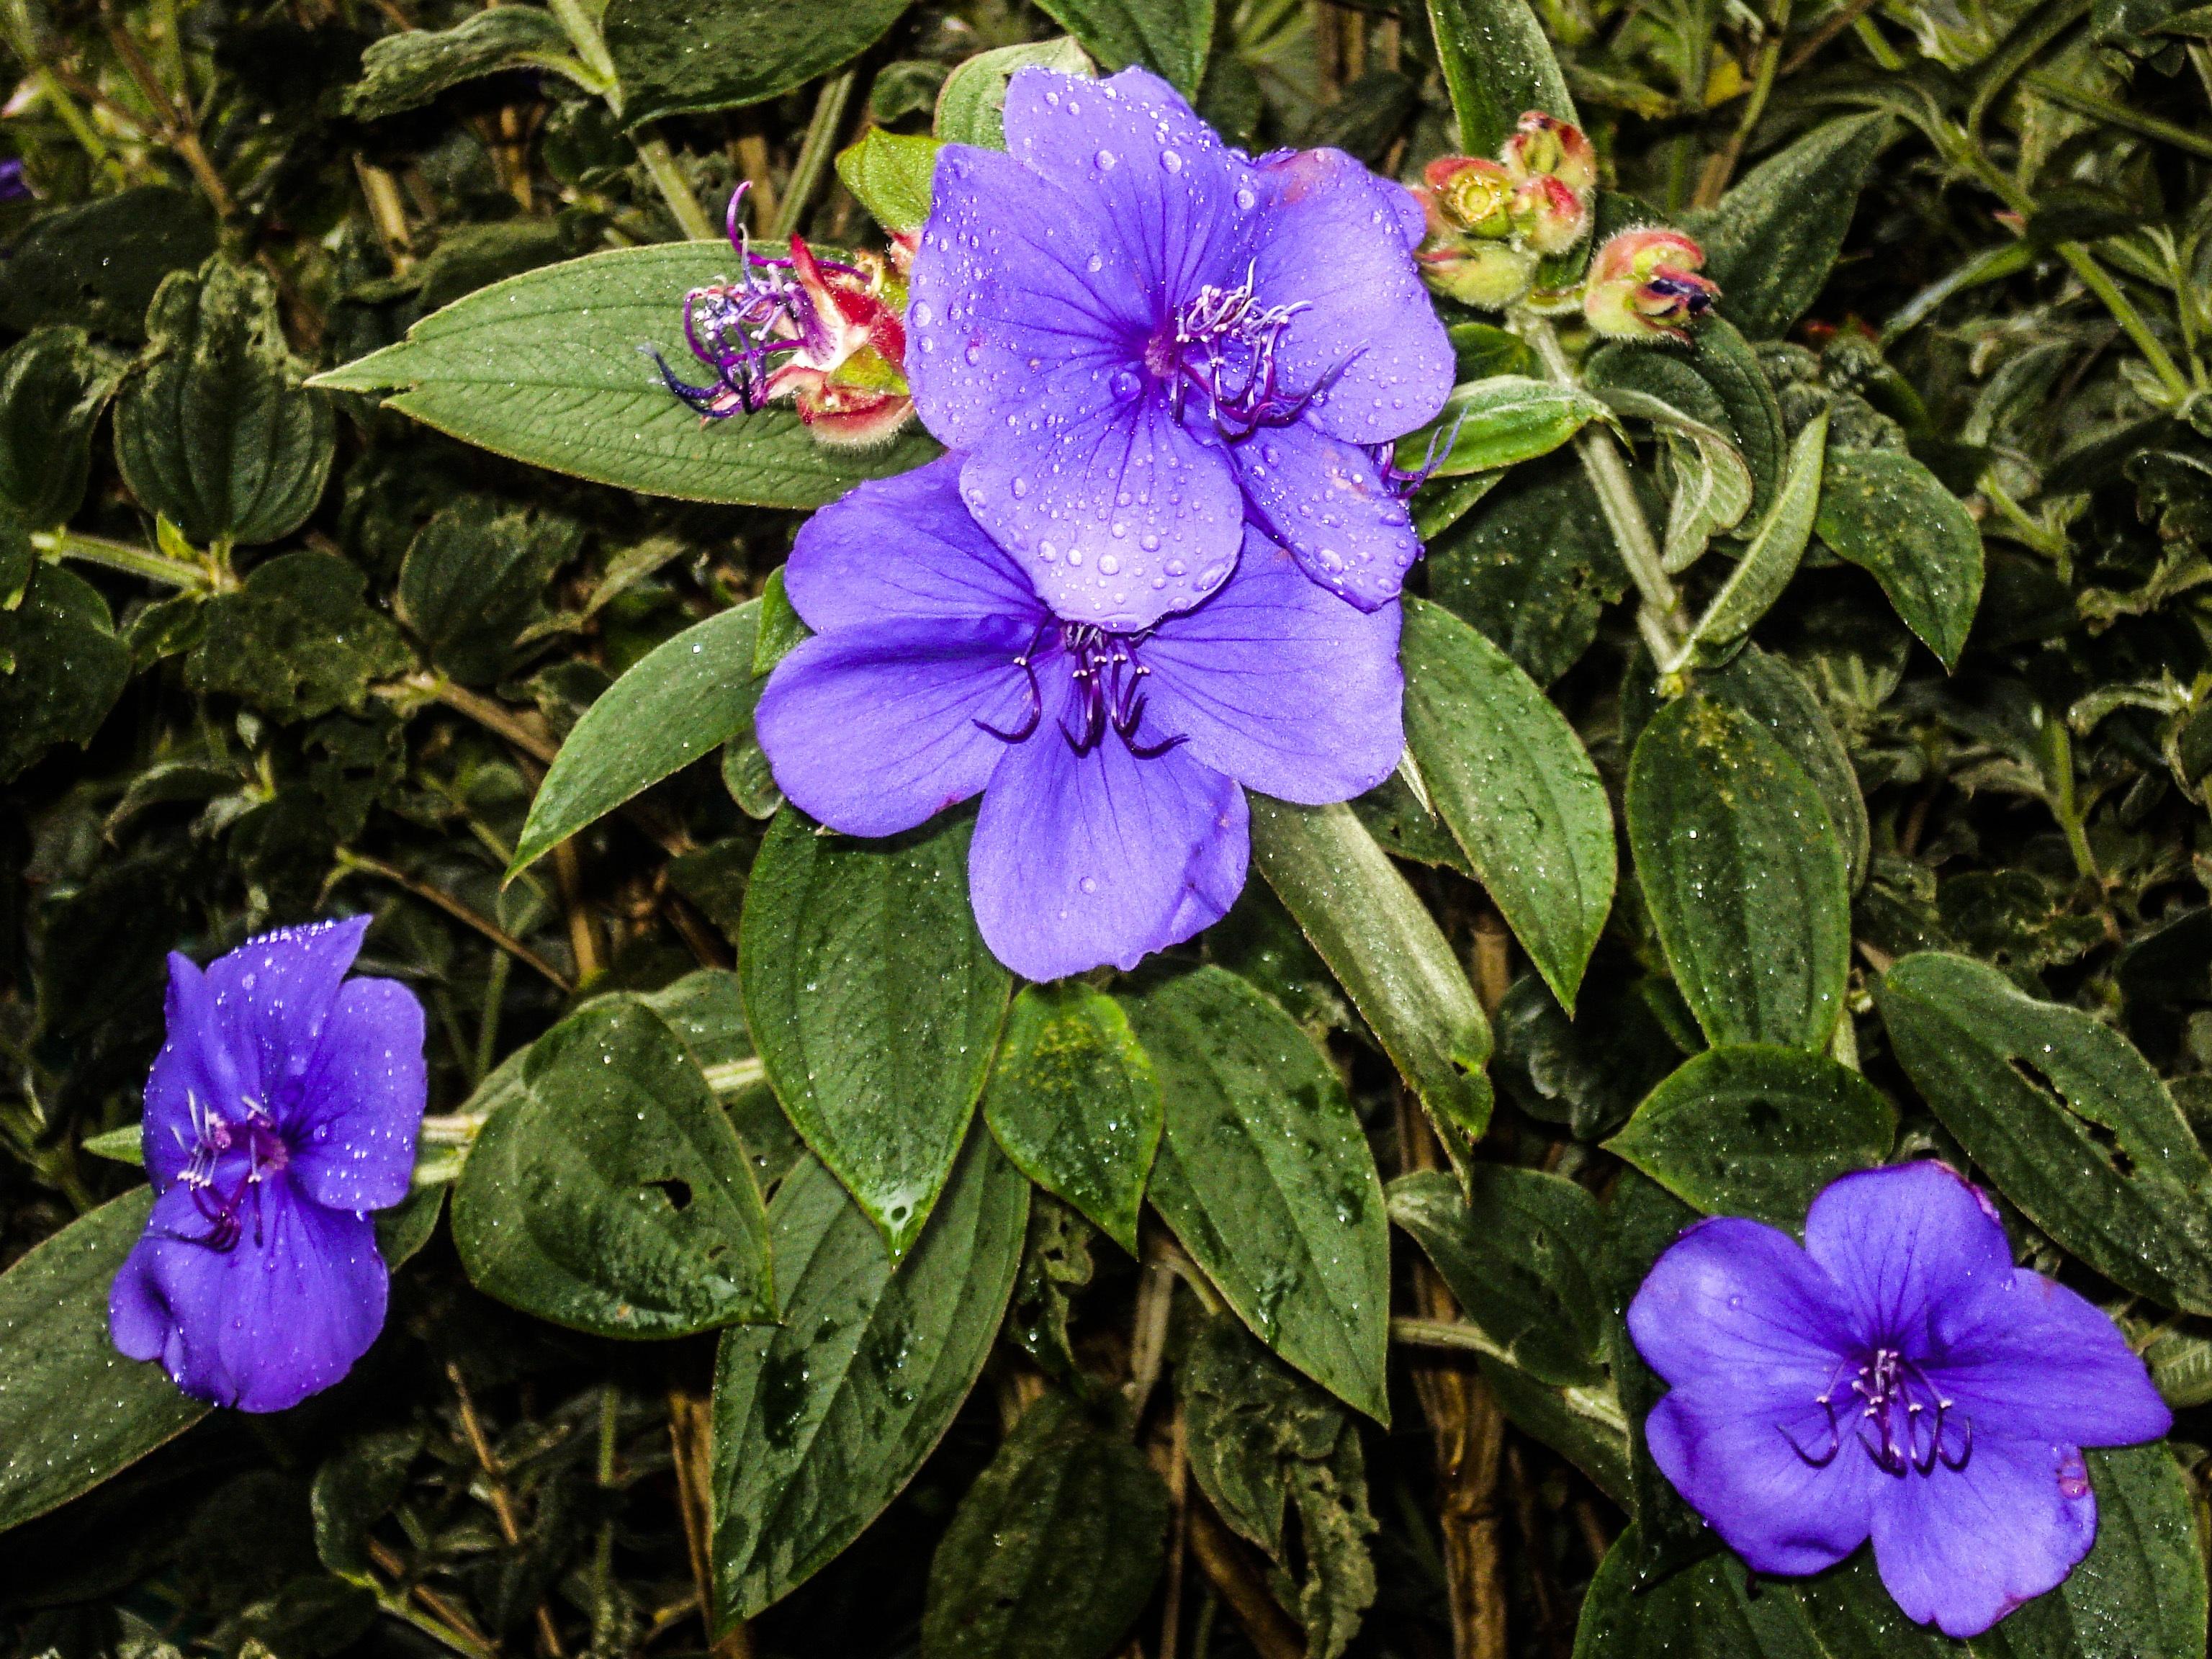 Images Gratuites : fleur, printemps, botanique, jardin ...